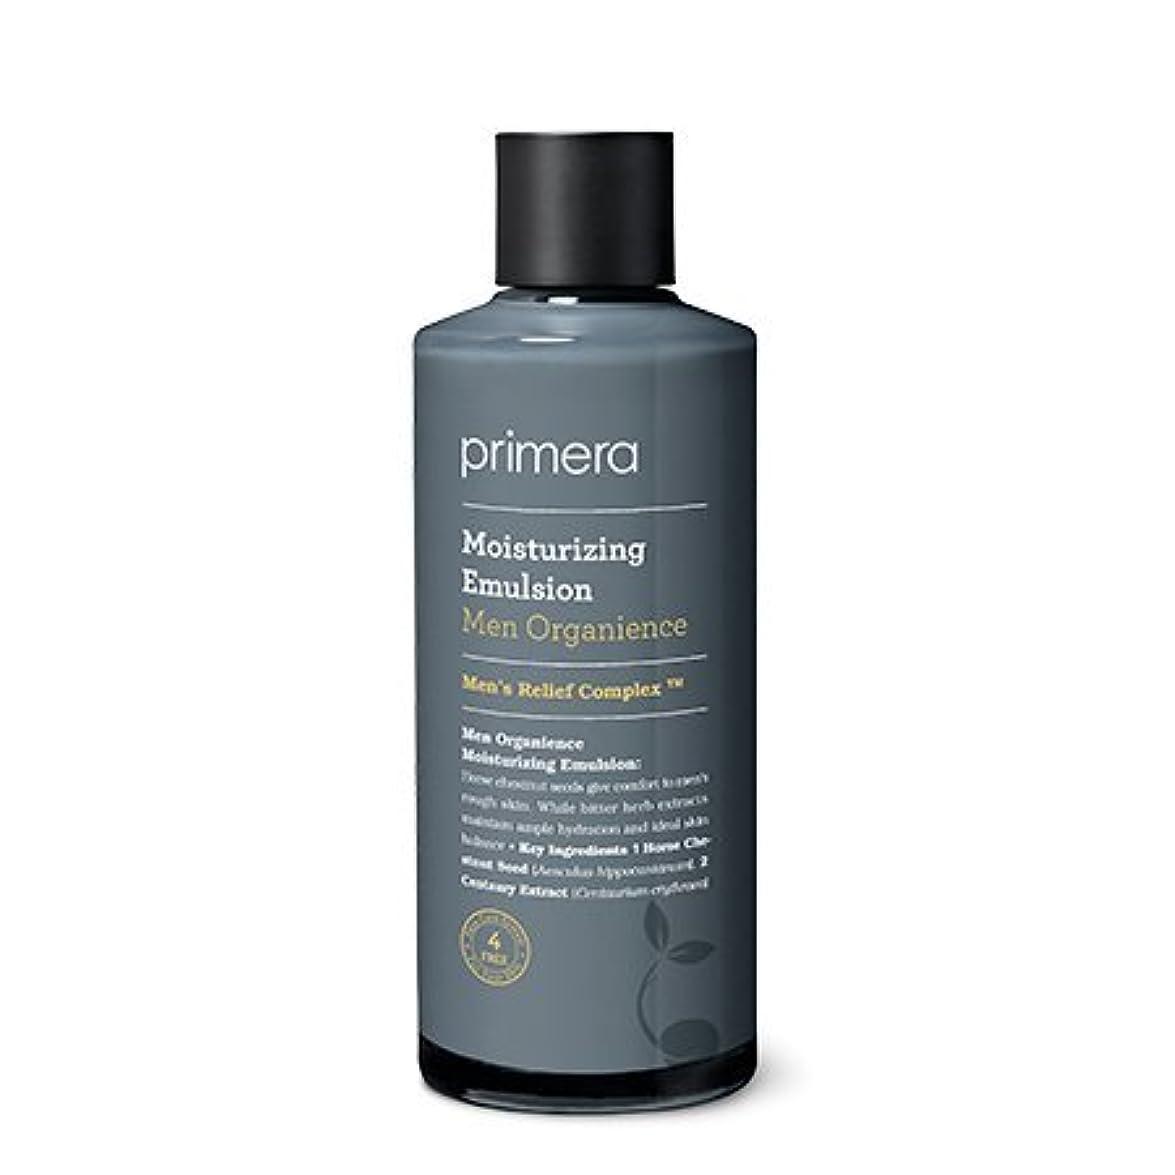 残高ボール削除する【Primera】Men Organience Moisturizing Emulsion - 150ml (韓国直送品) (SHOPPINGINSTAGRAM)